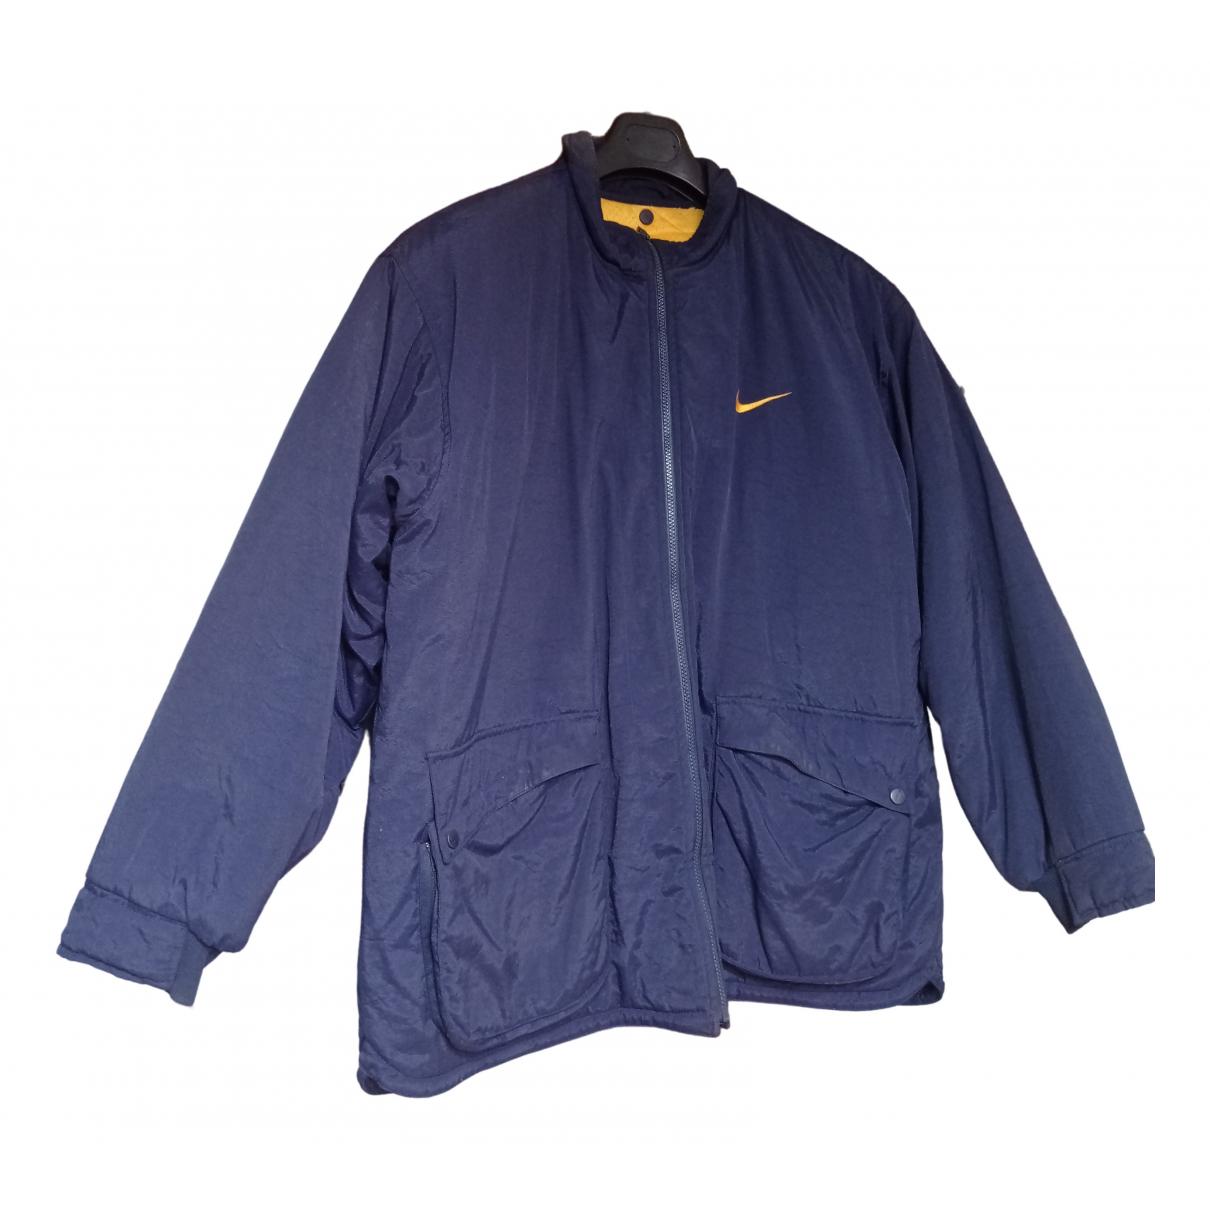 Nike \N Jacke in  Blau Polyester